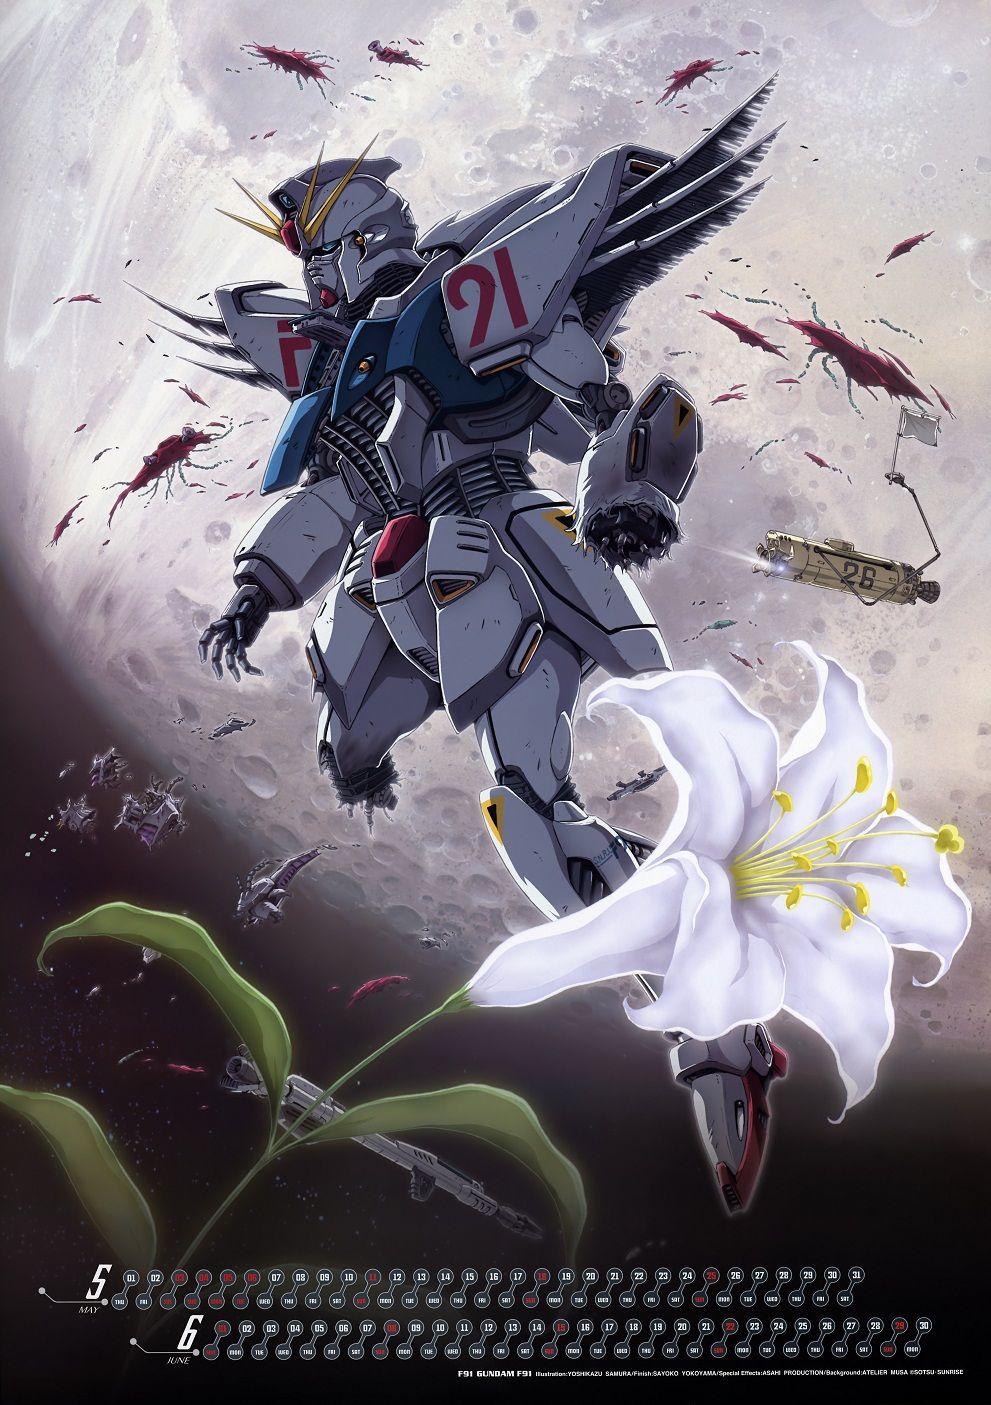 Gundam F91 画像あり ガンダムアート ガンダム ガンダム イラスト